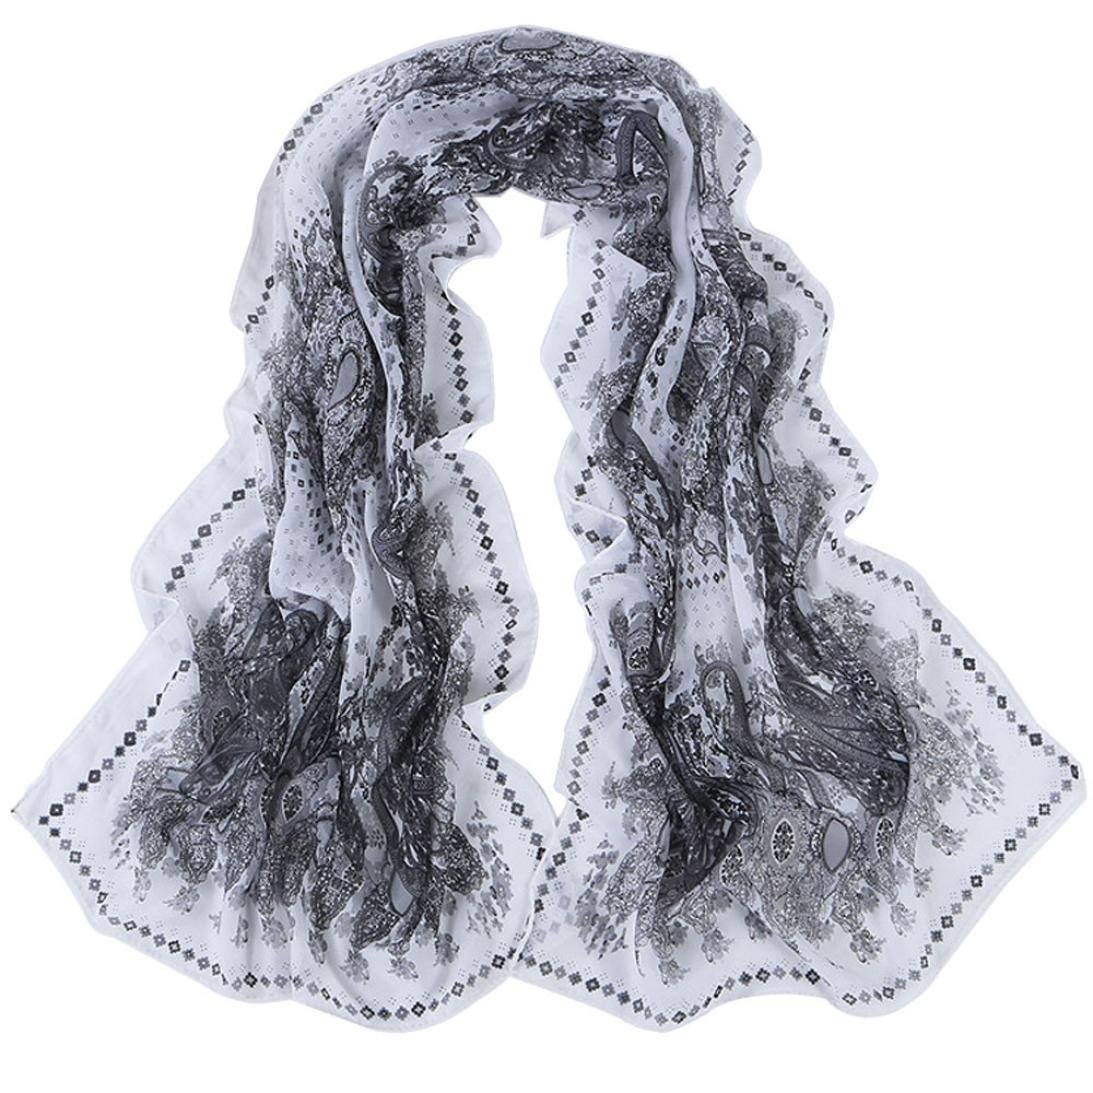 styleBREAKER Echarpe tube - Femme - Motif ethnique 01016014 · Internet  Femmes Wrap doux longue écharpe Mesdames châle mousseline de soie foulards  160   50CM dc20869d66a